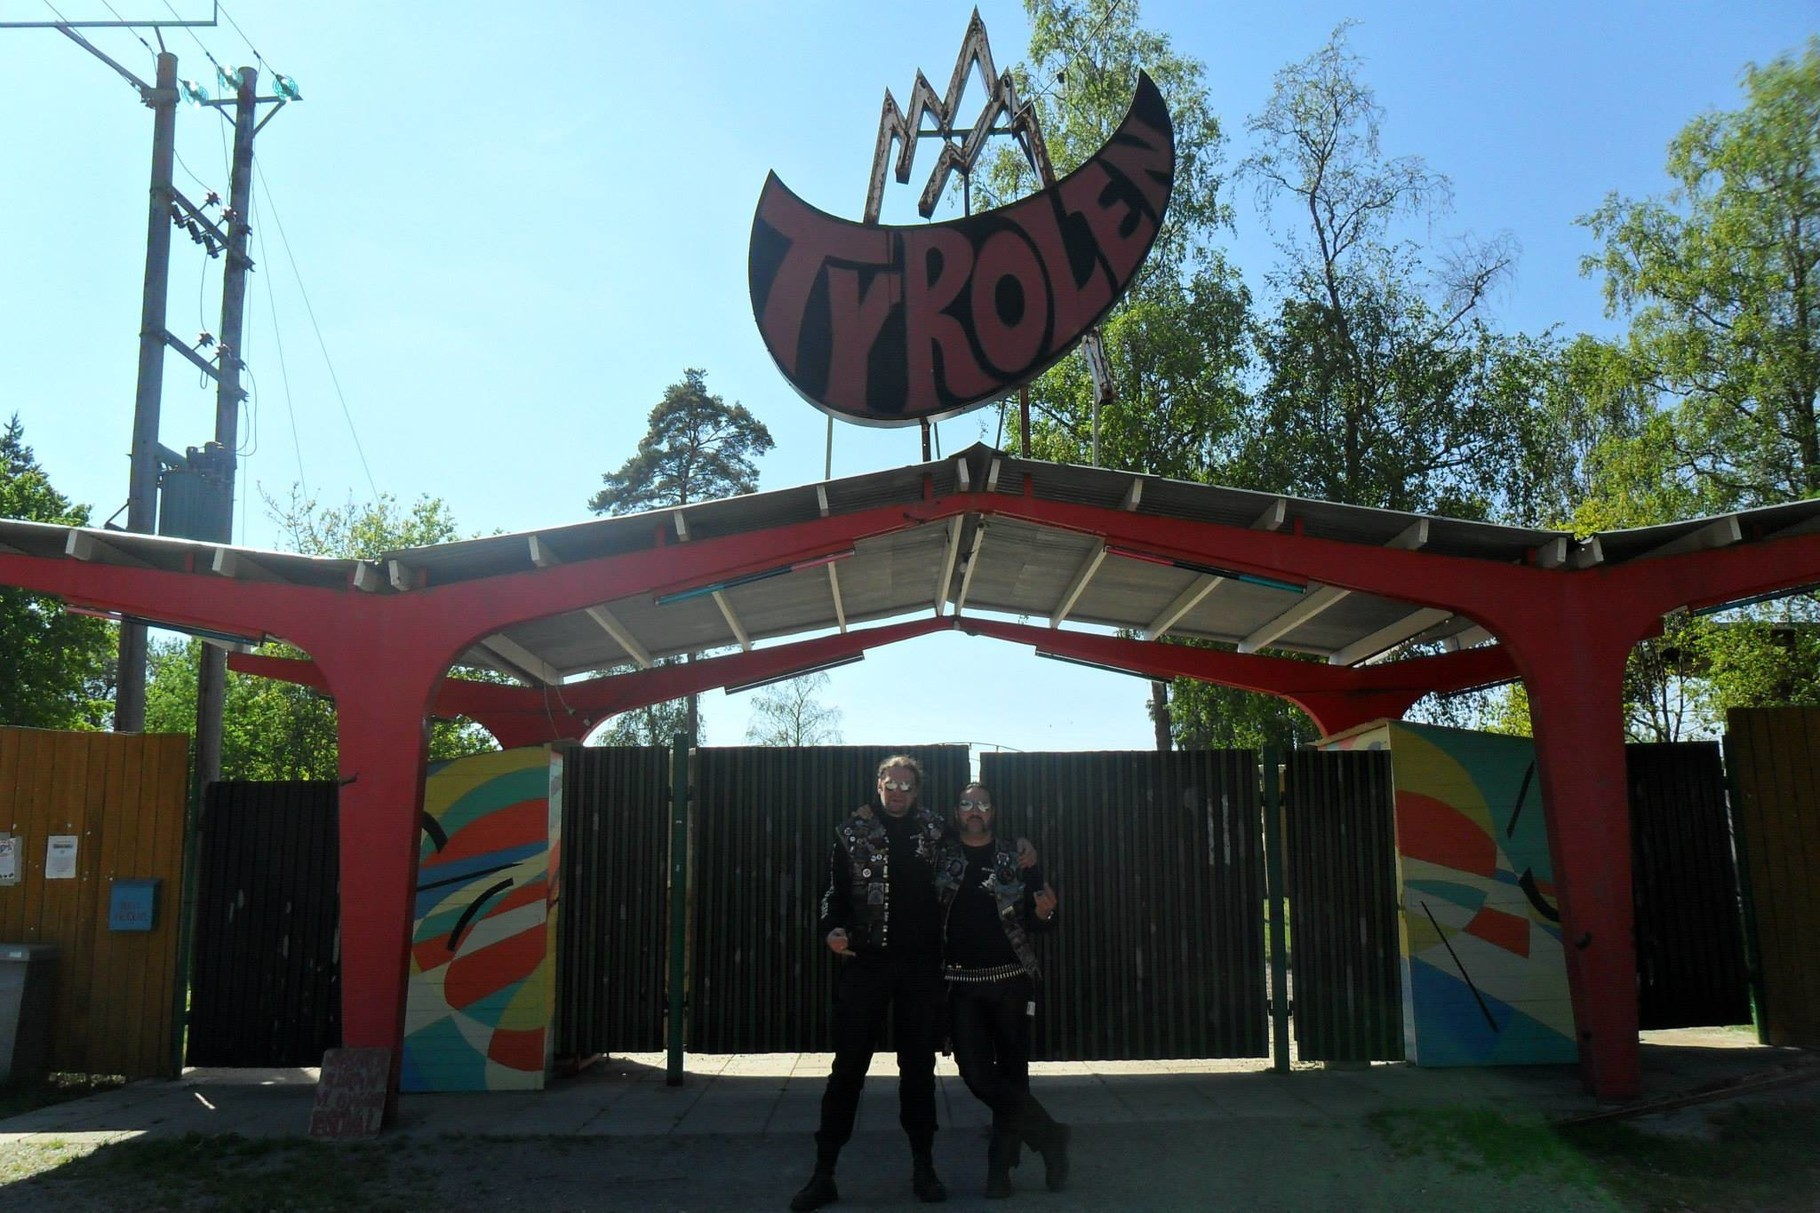 Tino und Jerry auf dem Muskelrock, Alvesta, Schweden